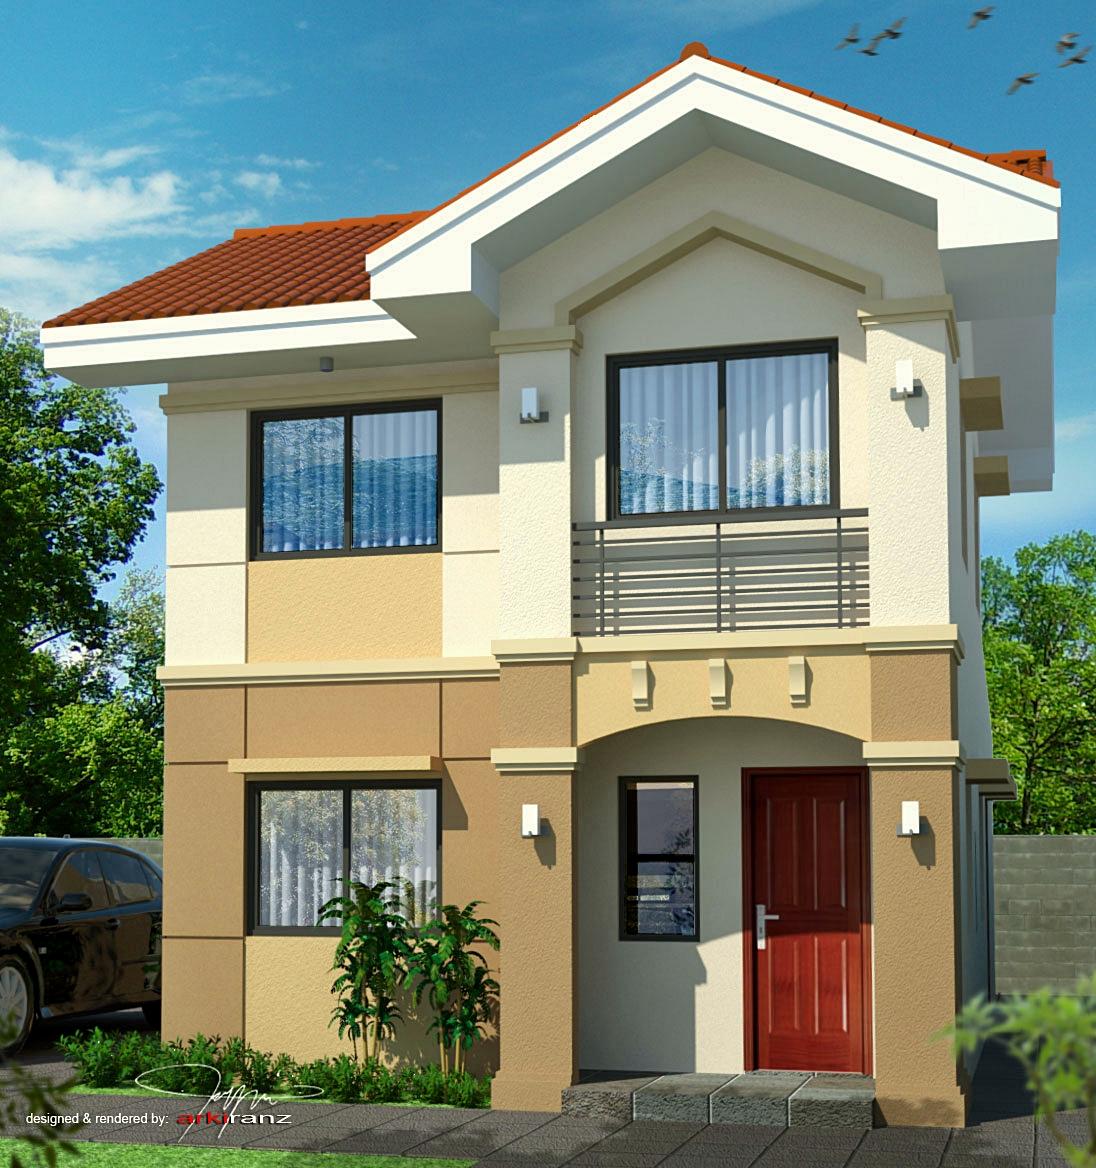 Plantas de casas de campo para construir for Crear planos casas